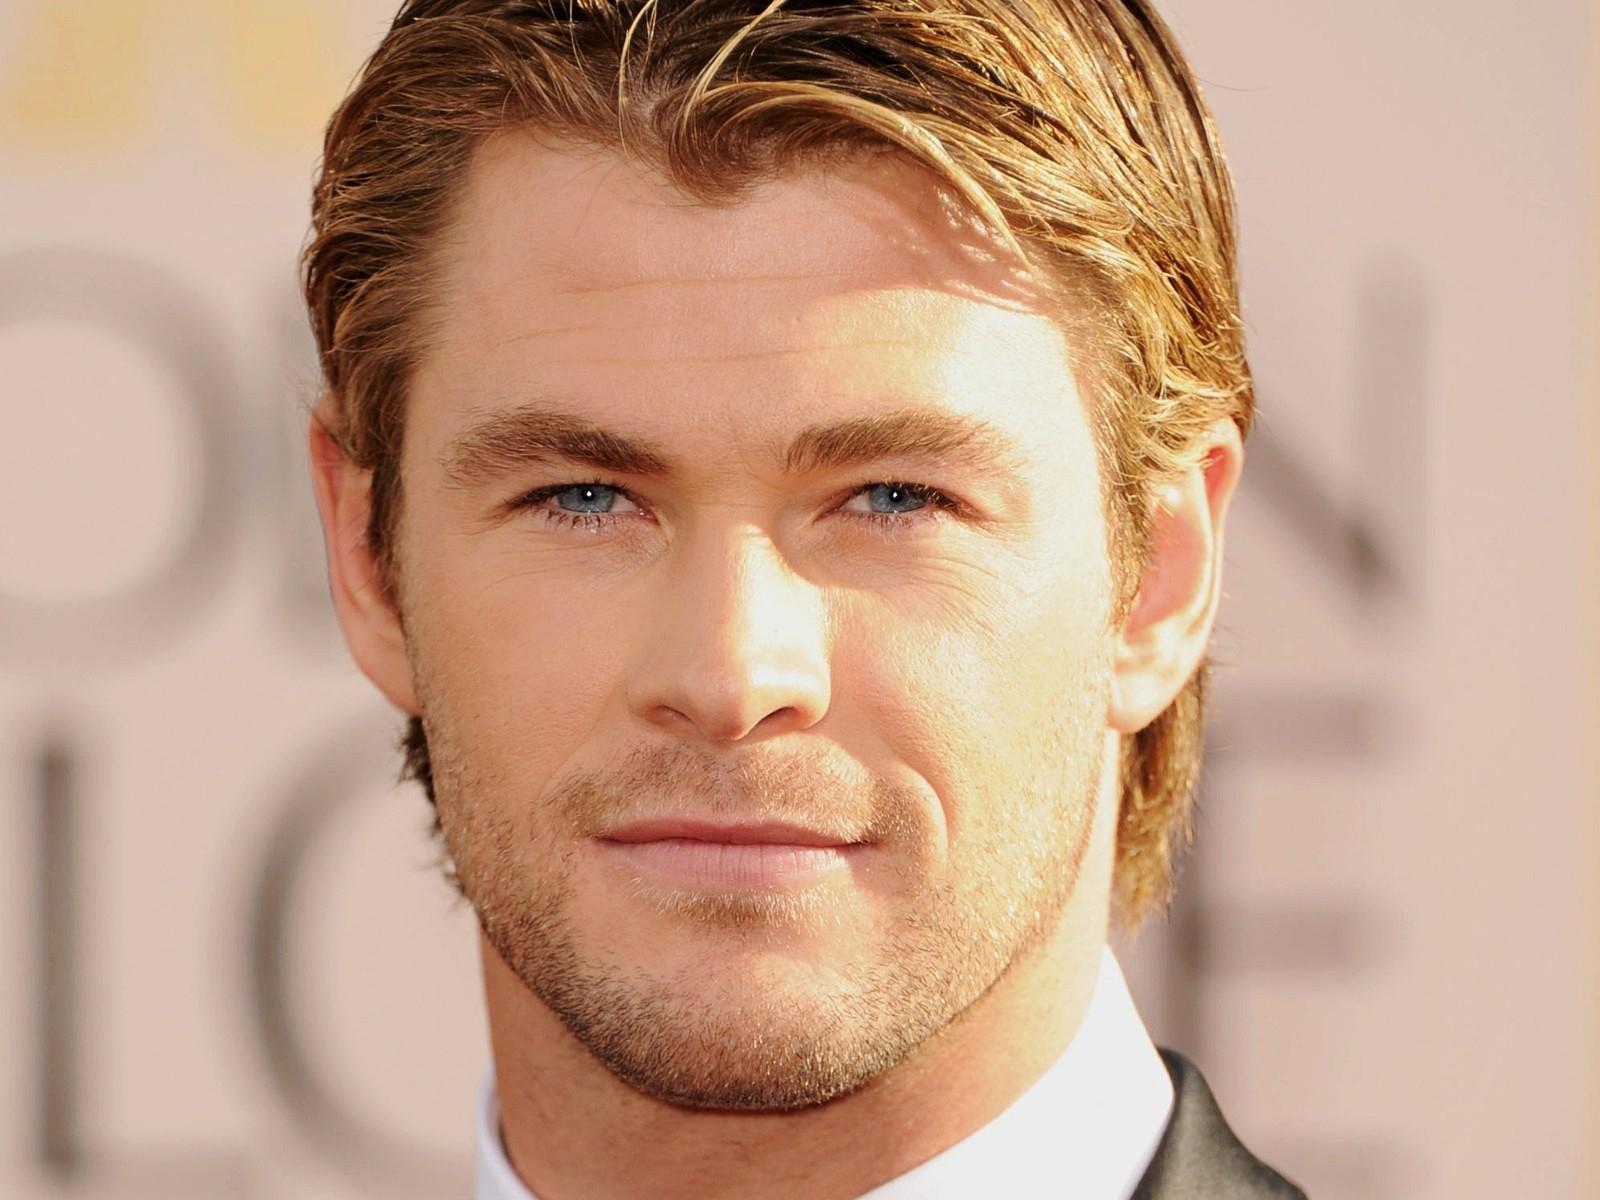 Blondes blue eyes men actors Chris Hemsworth faces ...